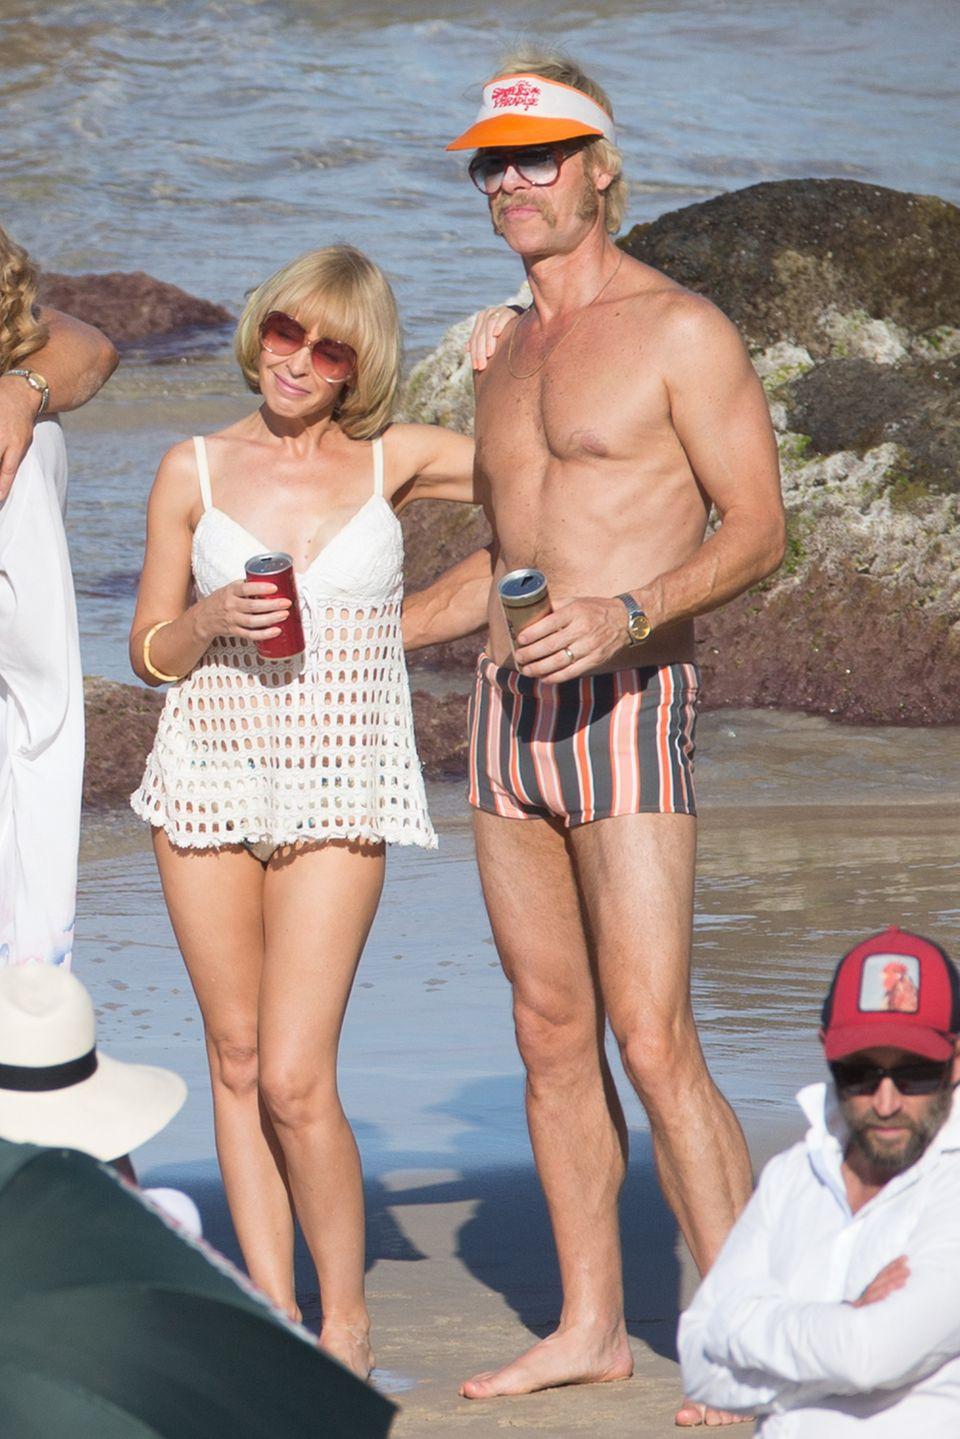 """Hättet Ihr sie erkannt? Pop-Queen Kylie Minogue ist im 70er-Jahre-Stil kaum wiederzuerkennen. Gemeinsam mit dem ebenfalls gut verkleideten Schauspieler Guy Pearce dreht Kylie gerade den Film """"Flammable Children"""" in der Stadt """"Gold Coast"""" in Australien."""